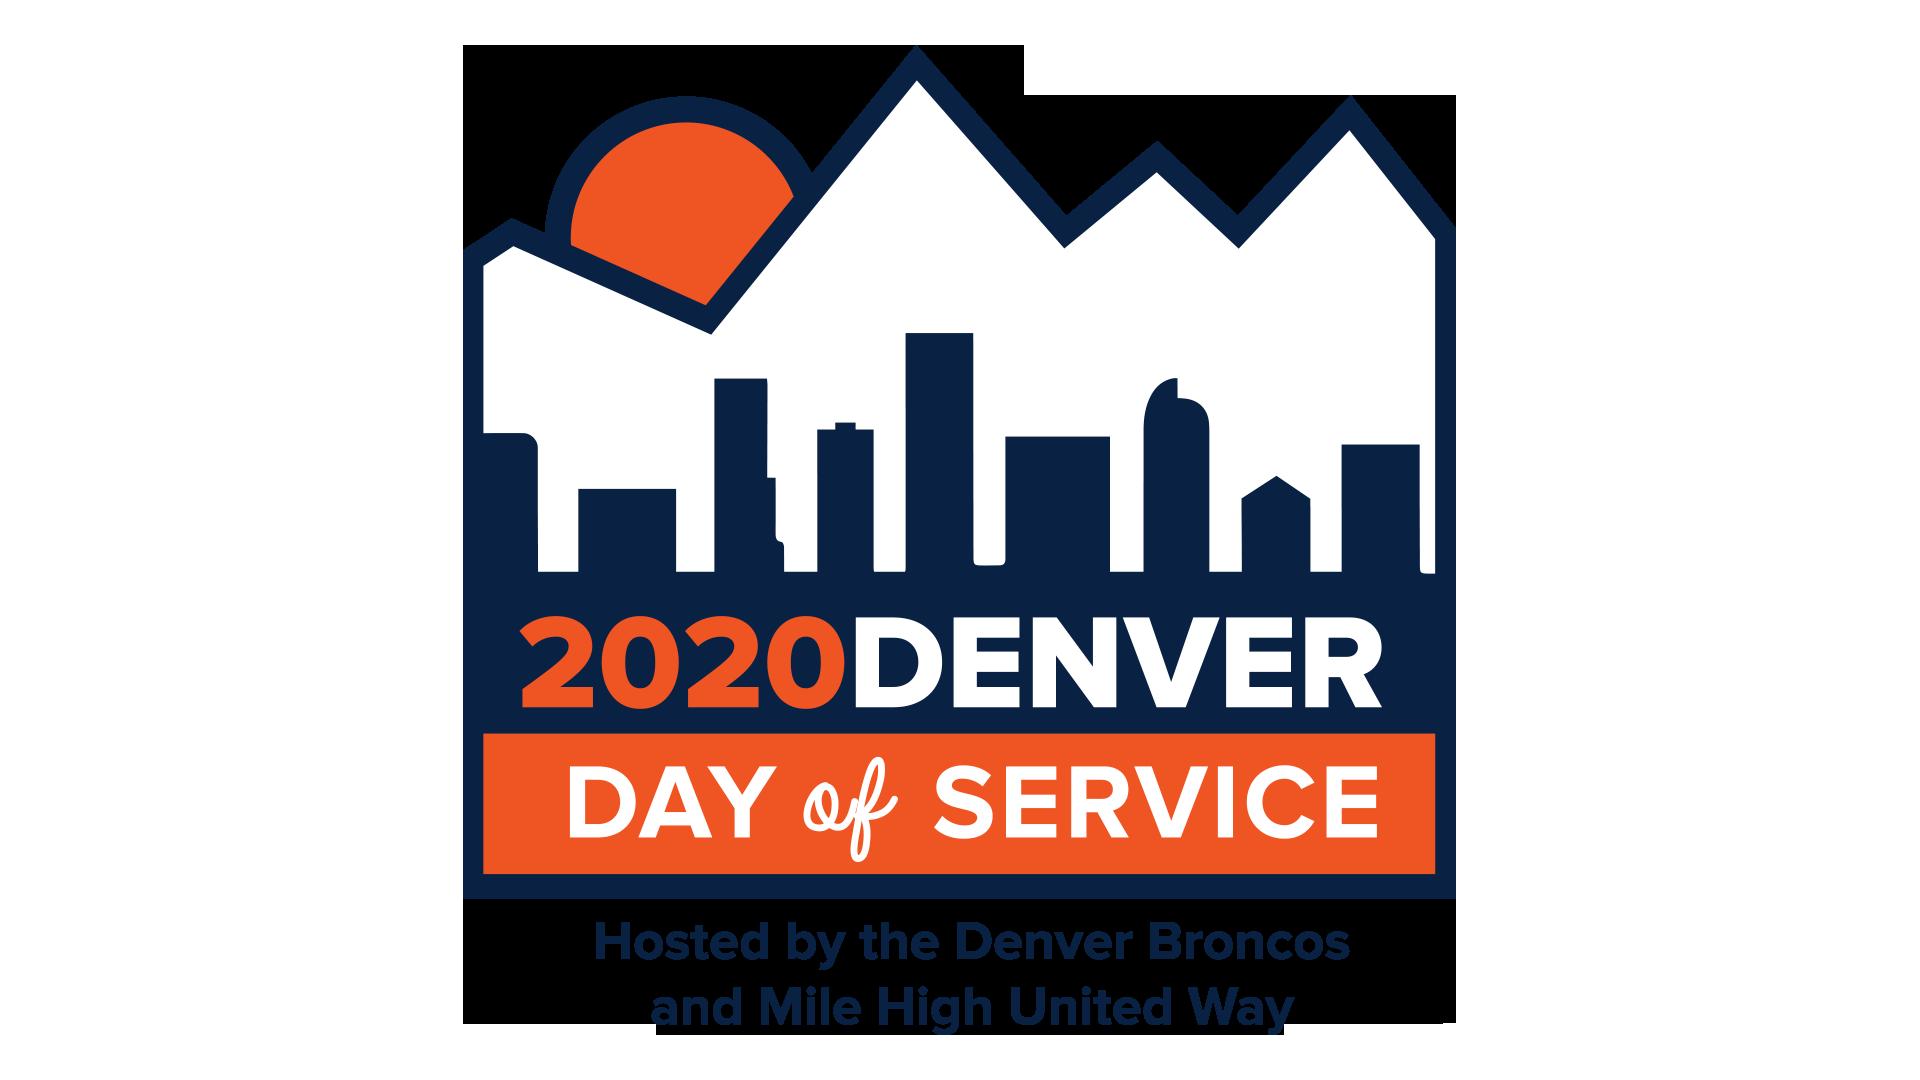 2020 Denver Day of Service